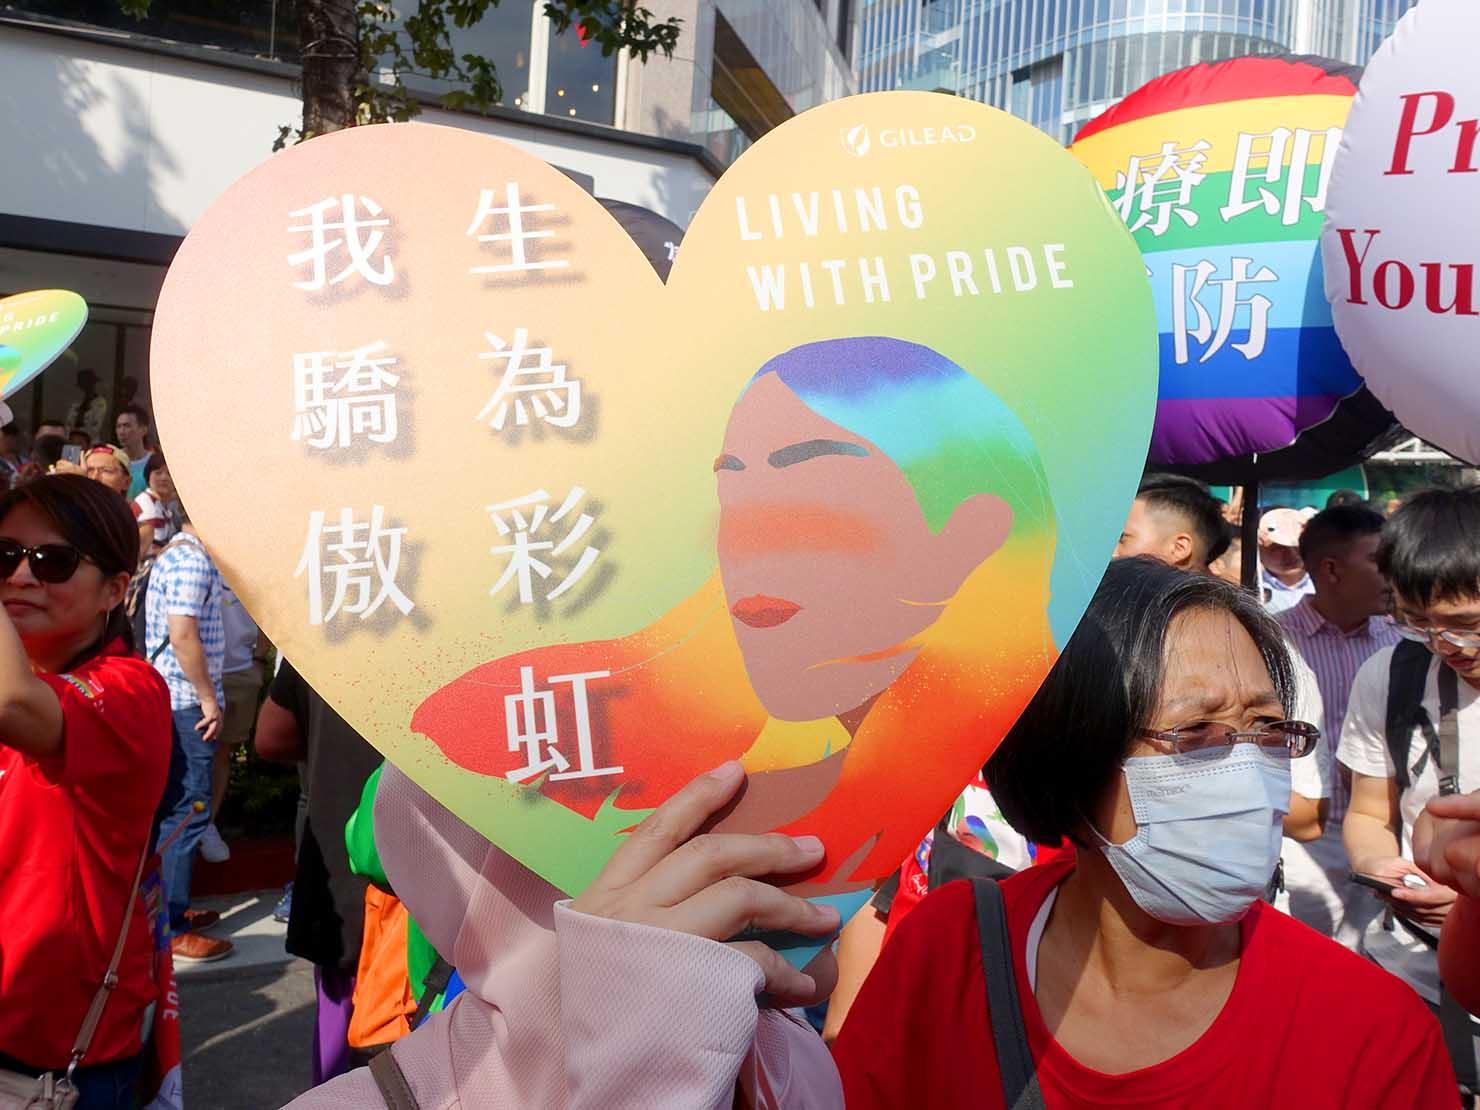 台灣同志遊行(台湾LGBTプライド)2019パレードでオリジナルデザインのプラカードを掲げて歩く製薬会社のグループ